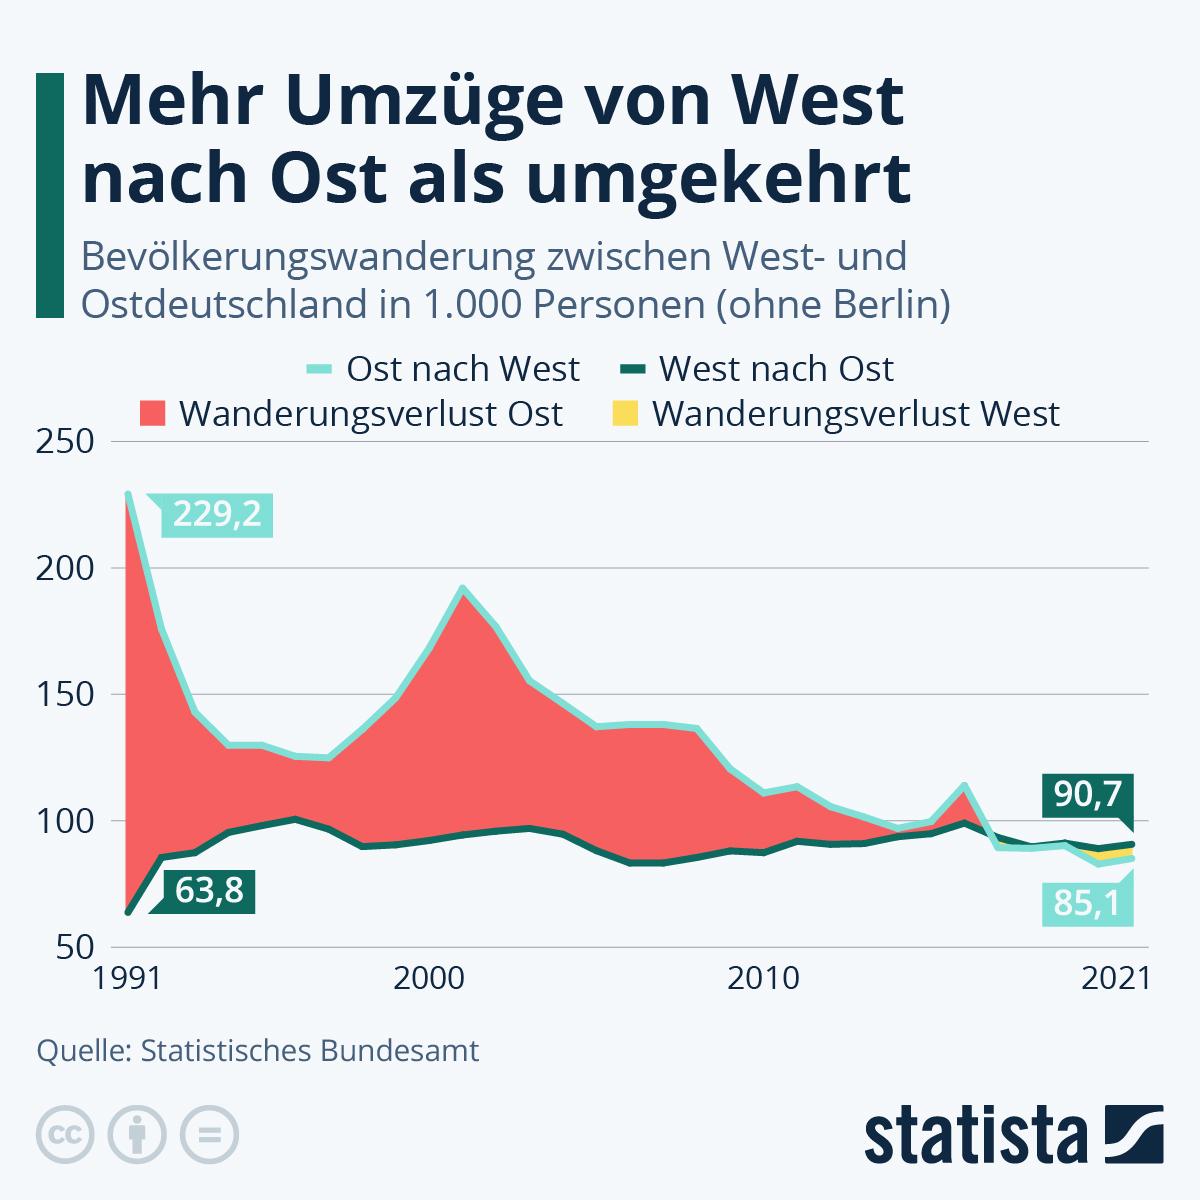 Infografik: Genau so viele Umzüge von West nach Ost wie umgekehrt | Statista